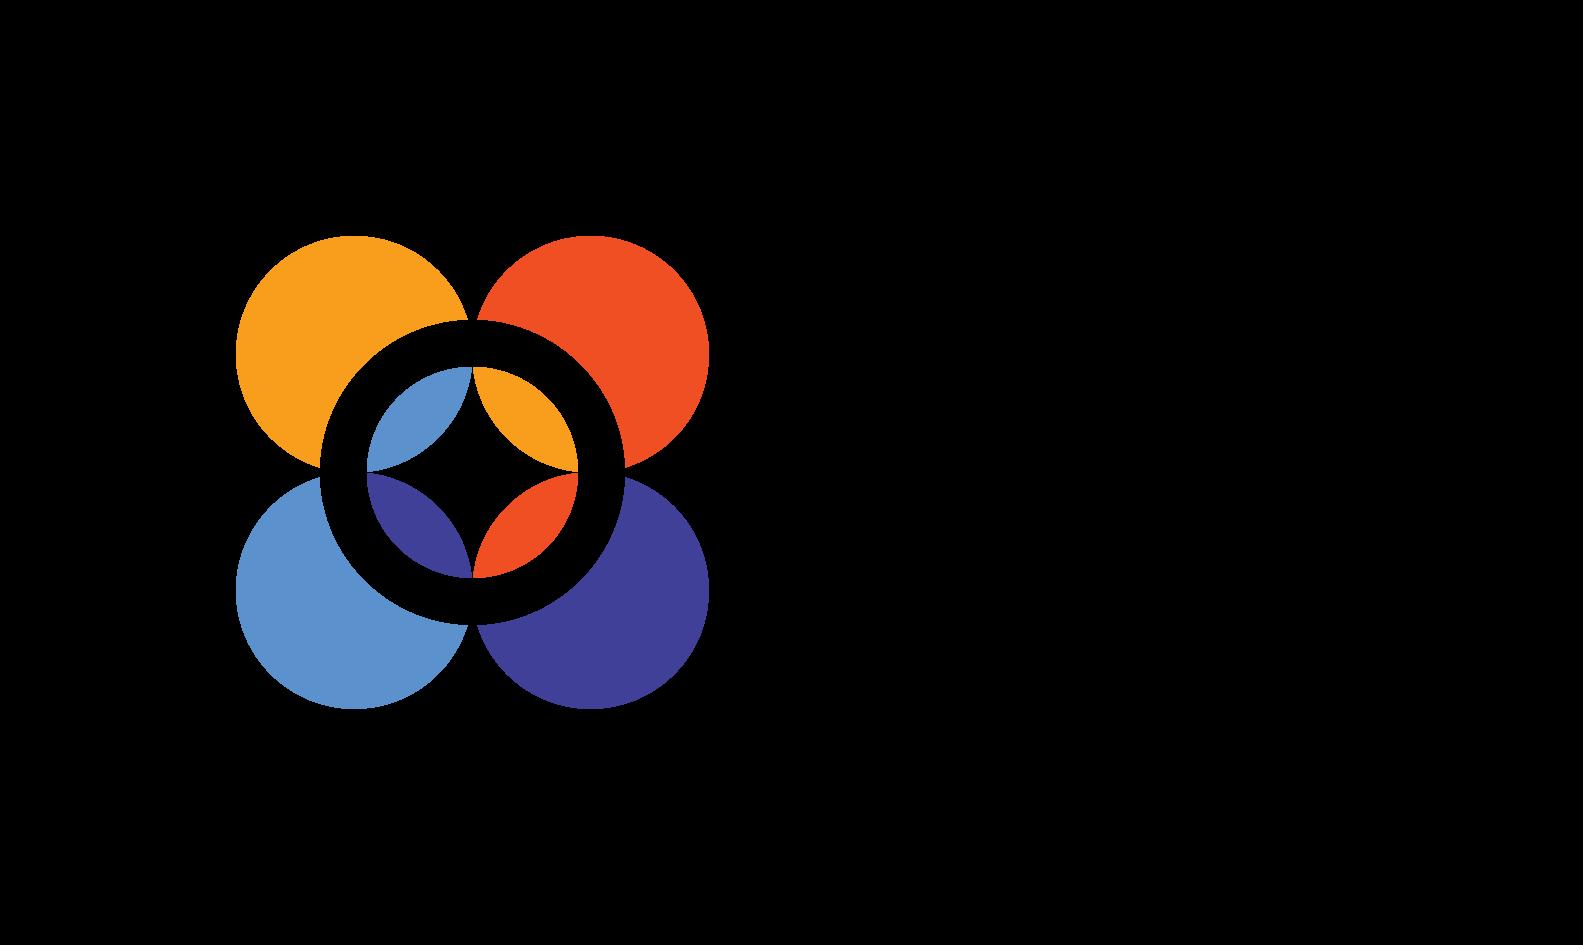 Na zdjęciu widać logo projektu SPINaj naukę